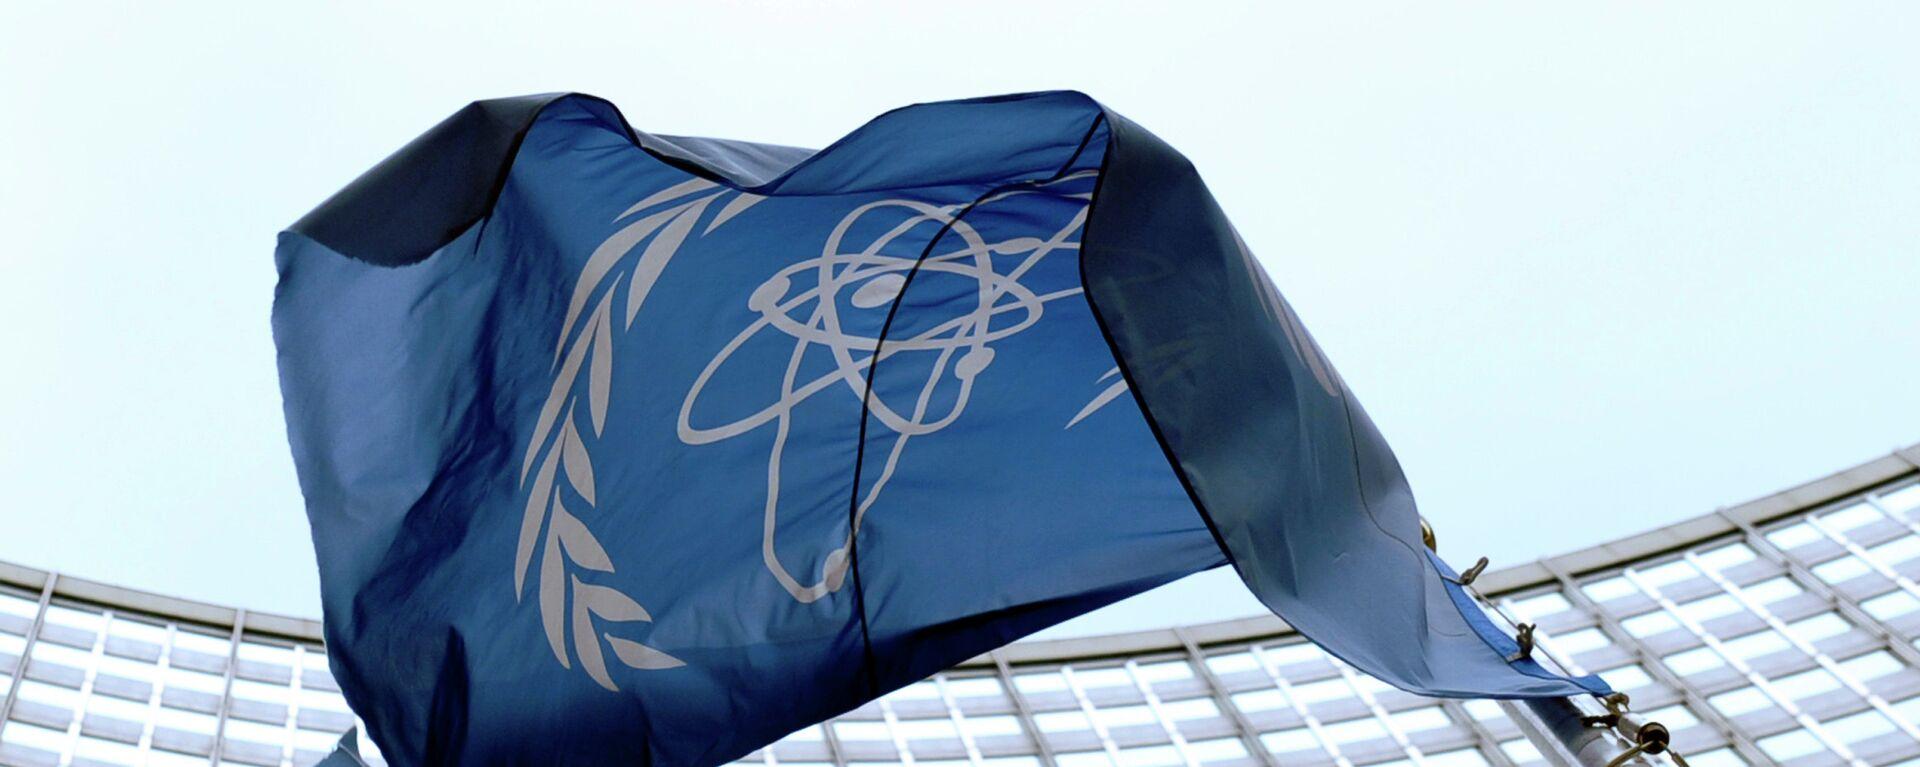 La bandera de la OIEA en Viena - Sputnik Mundo, 1920, 26.04.2021